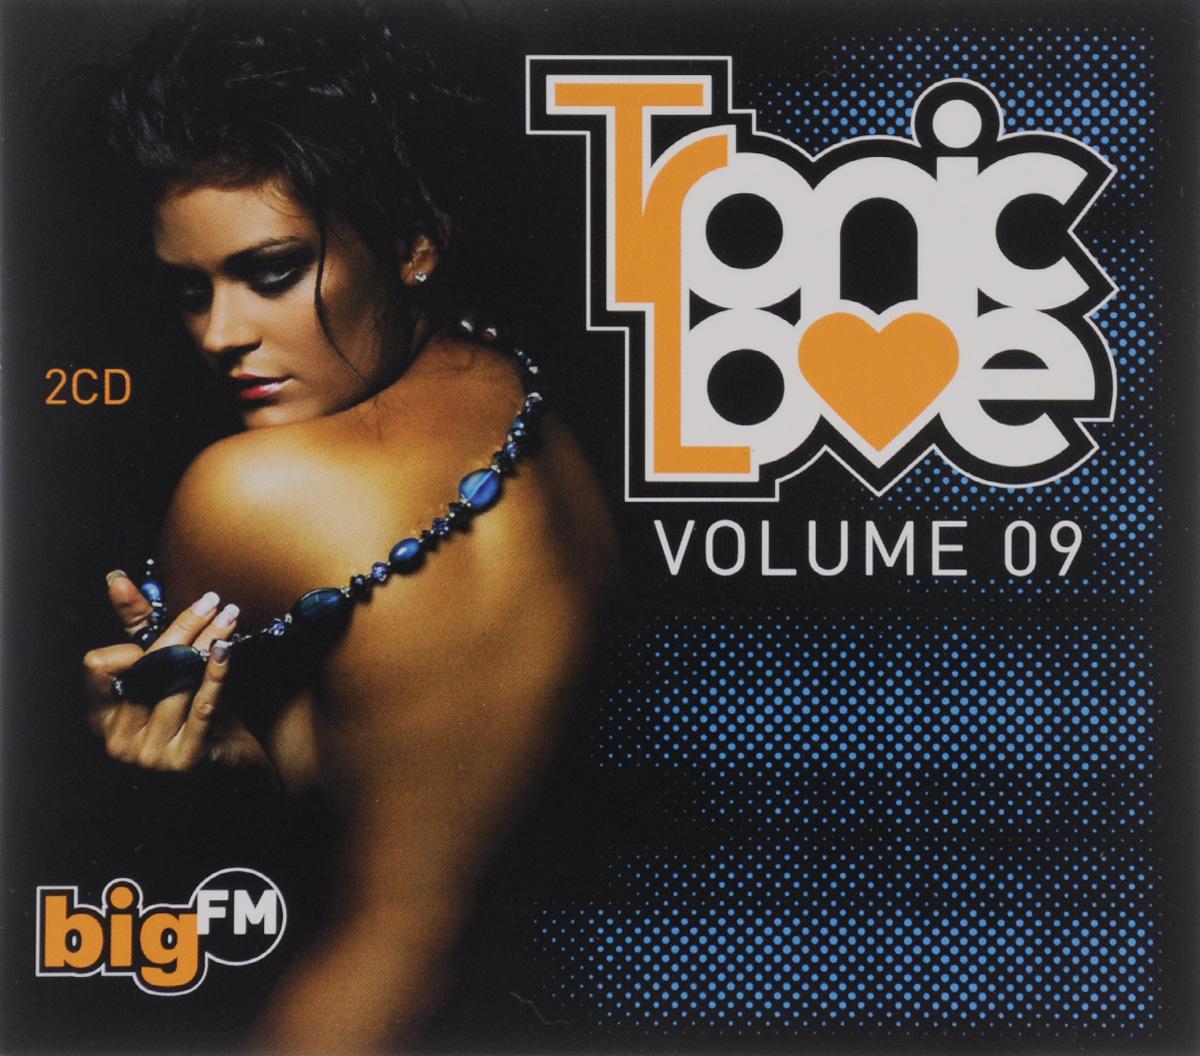 Big FM. Tronic Love. Volume 09 (2 CD) 2013 2 Audio CD